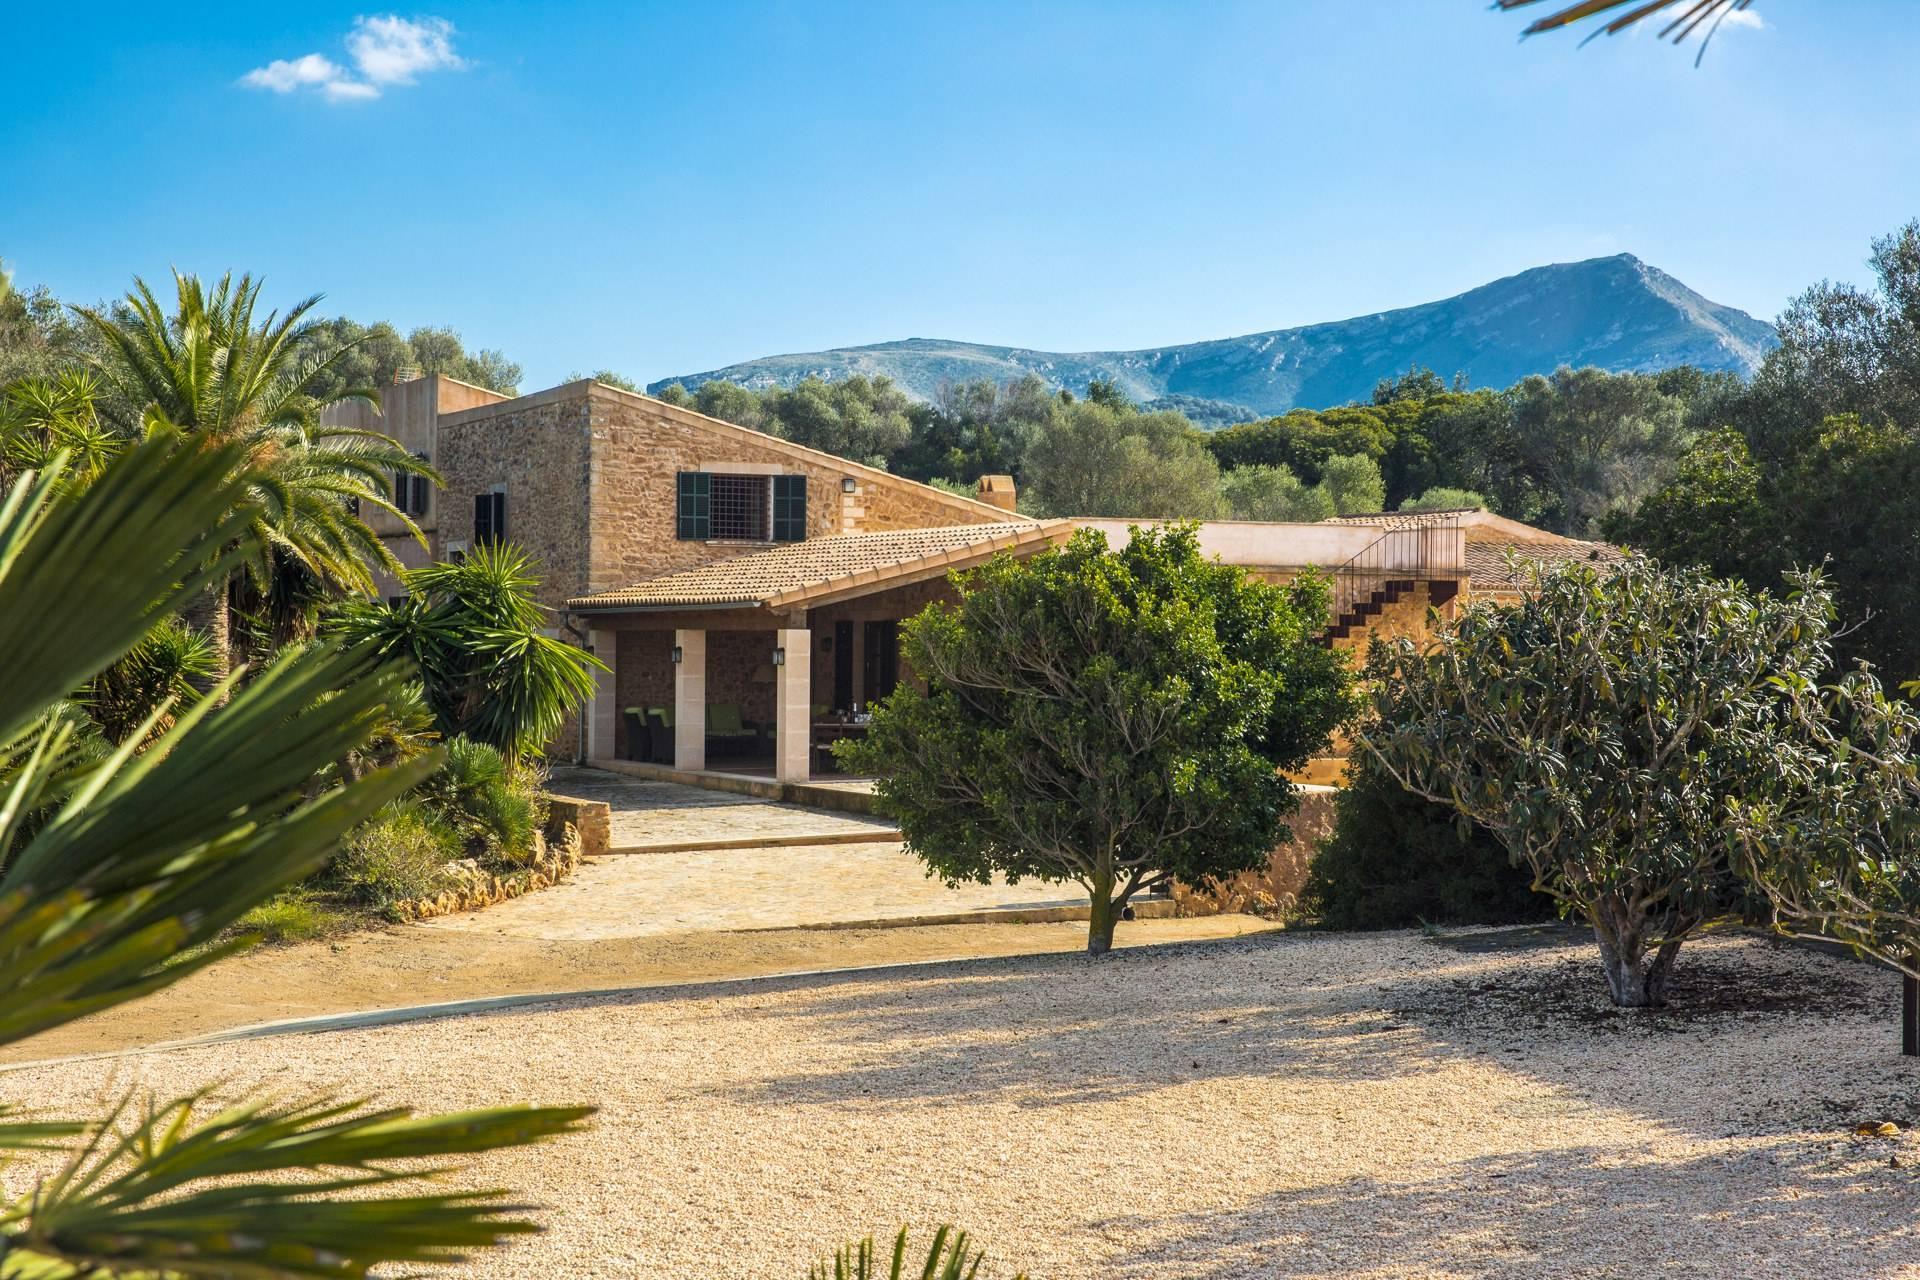 01-103 traumhafte Finca Mallorca Nordosten Bild 9